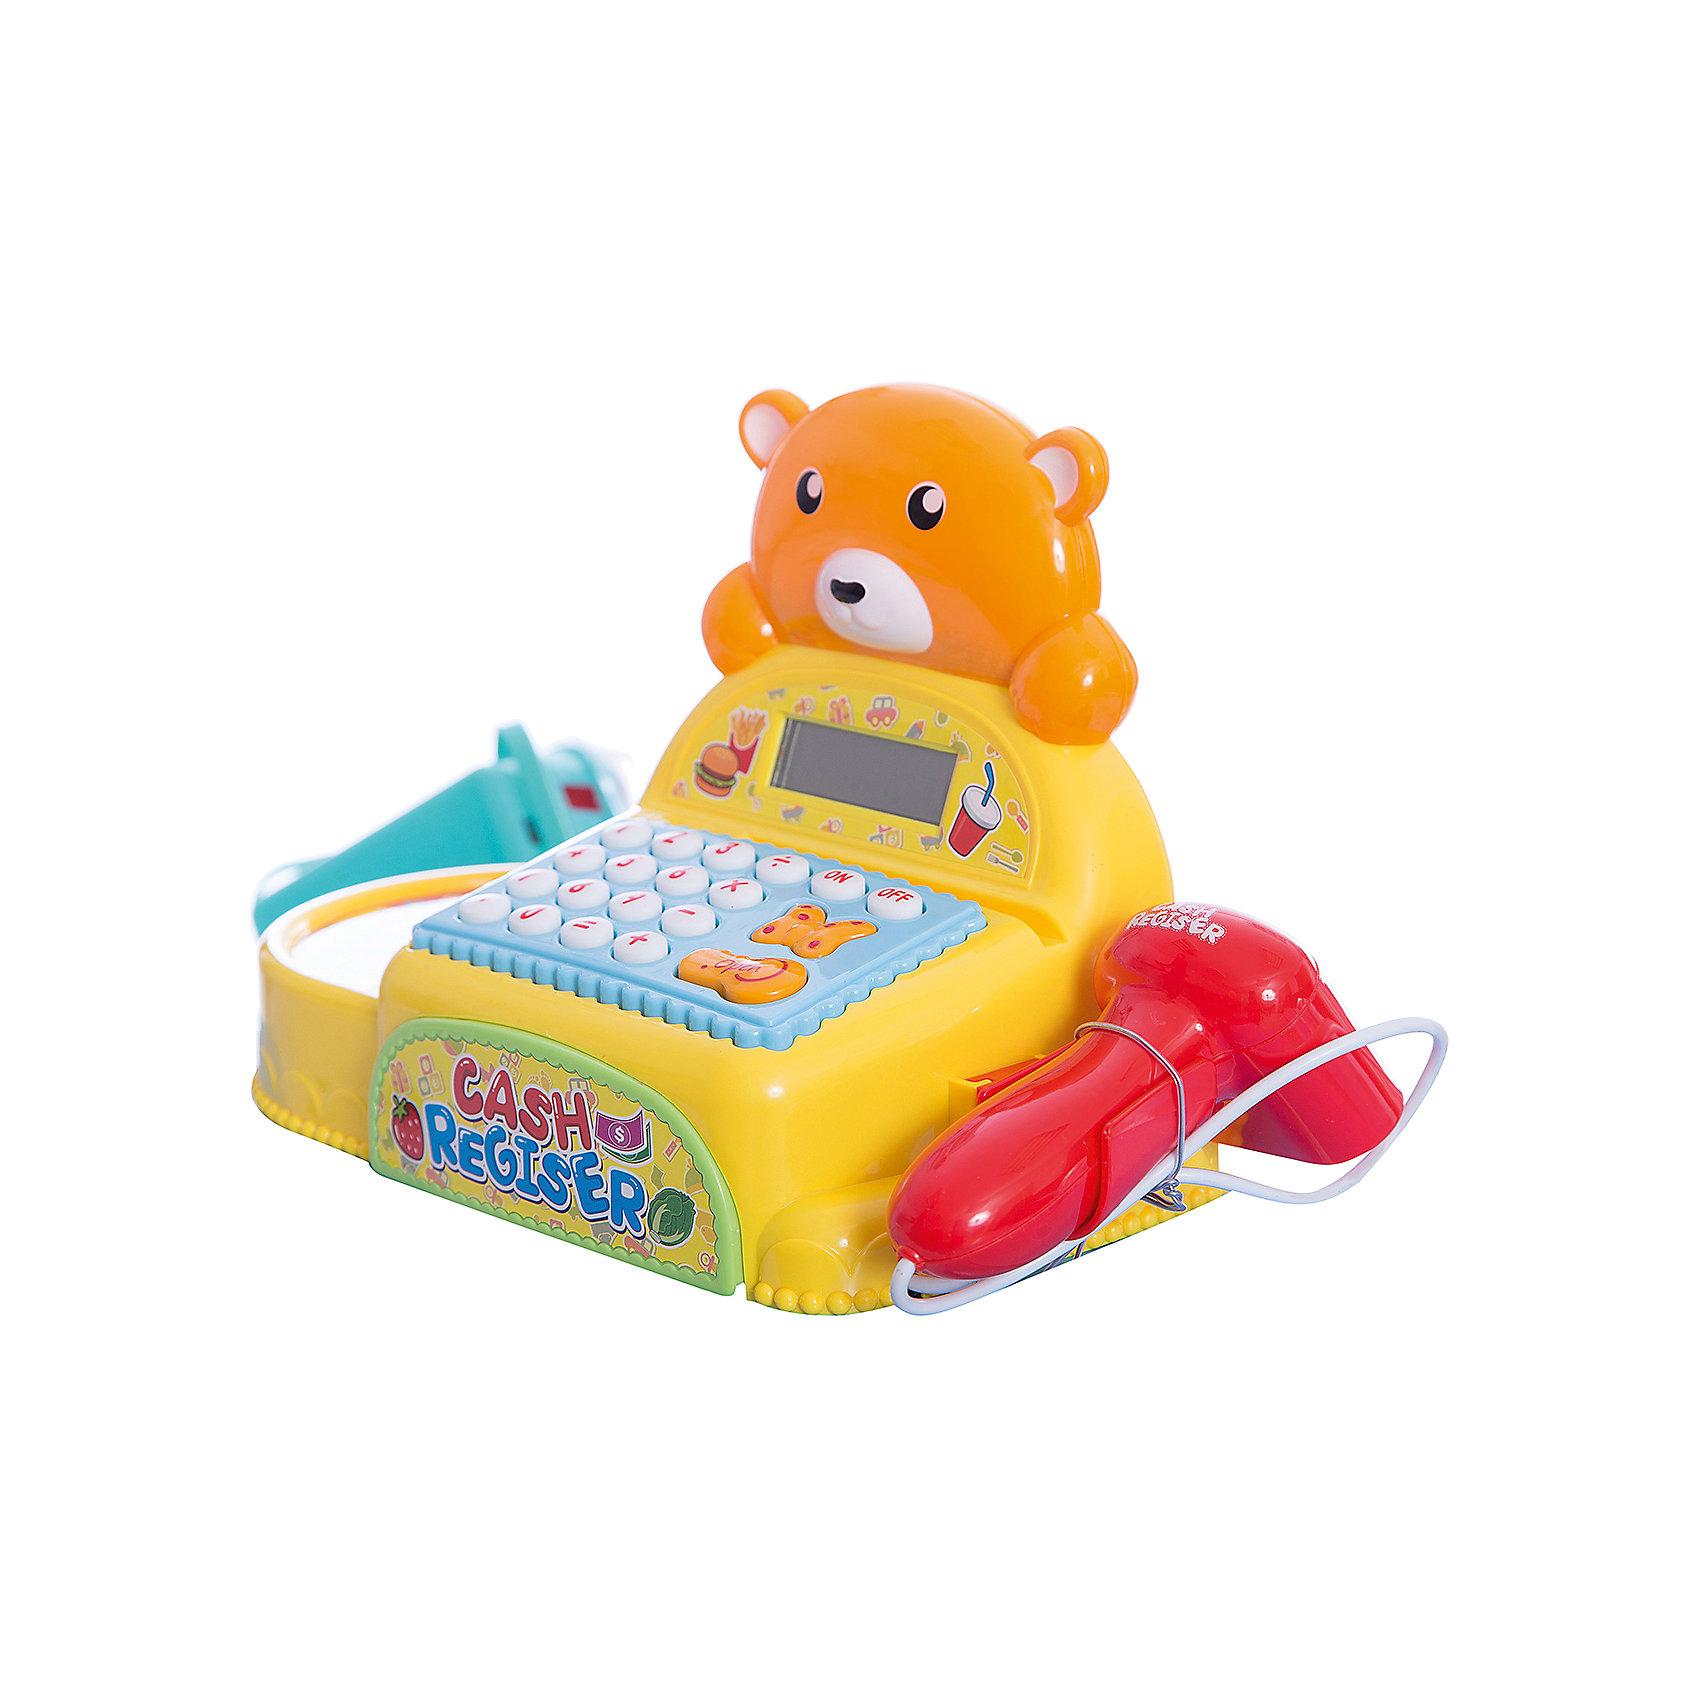 Касса Shantou Gepai Медвежонок с аксессуарами, со светом и звукомДетские магазины и аксесссуары<br>Характеристики:<br><br>• встроенный калькулятор;<br>• световые и звуковые эффекты;<br>• в комплекте: касса, продукты;<br>• возраст: от 3-х лет;<br>• материал: пластик;<br>• батарейки: АА - 3 шт. (не входят в комплект);<br>• размер упаковки: 24х14х37 см;<br>• вес: 1,12 кг;<br>• страна: Китай. <br><br>Касса с маленьким медвежонком позволит ребенку почувствовать себя настоящим кассиром. В набор входит касса со сканером и набор продуктов. Юный продавец сможет разложить товары так, как ему удобно. <br><br>Касса оснащена световыми и звуковыми эффектами. При работе со сканером и считывающим устройством игрушка воспроизводит соответствующие реалистичные звуки. Встроенный калькулятор поможет сосчитать стоимость товаров.<br><br>Для работы необходимы три батарейки АА (не входят в комплект).<br><br>Кассу Медвежонок с аксессуарами, со светом и звуком, Shantou Gepai (Шанту Гепай) можно купить в нашем интернет-магазине.<br><br>Ширина мм: 370<br>Глубина мм: 140<br>Высота мм: 240<br>Вес г: 1117<br>Возраст от месяцев: 36<br>Возраст до месяцев: 2147483647<br>Пол: Унисекс<br>Возраст: Детский<br>SKU: 6846888